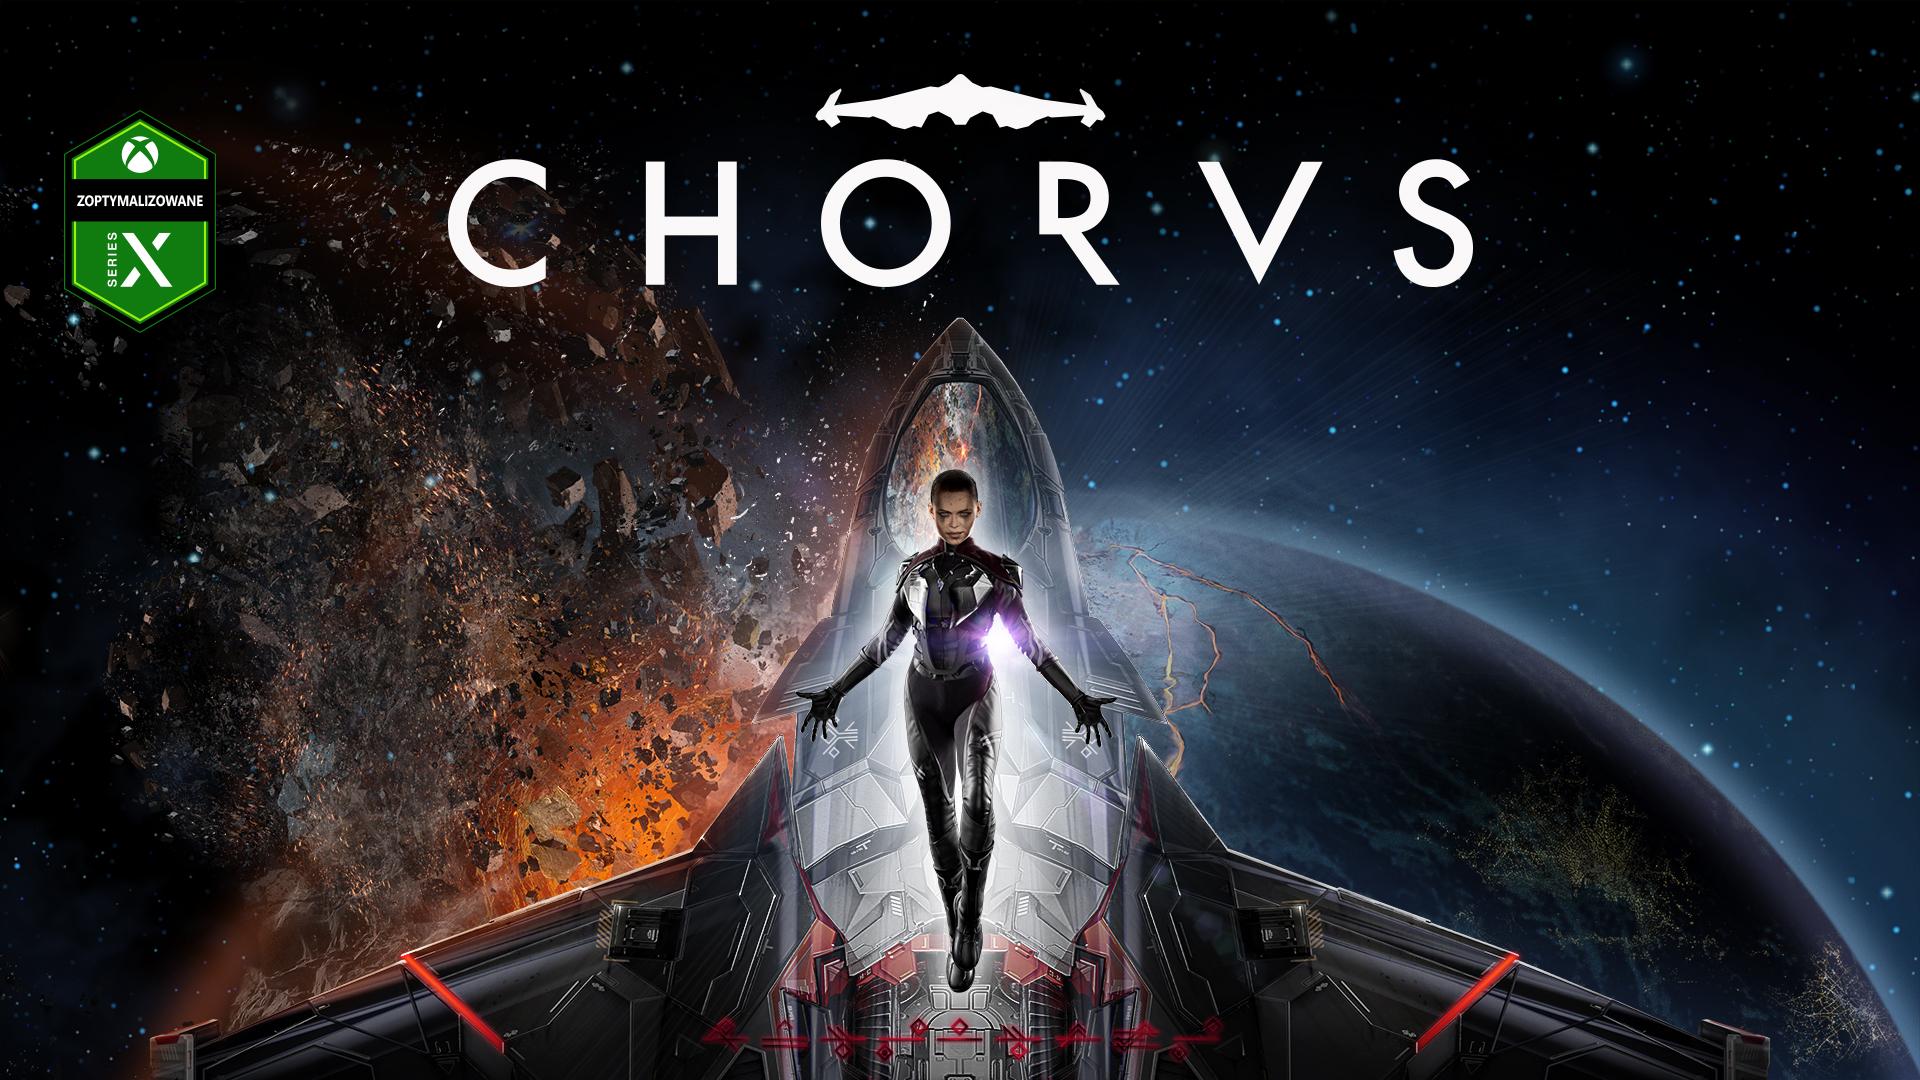 Kluczowa grafika z gry Chorus.